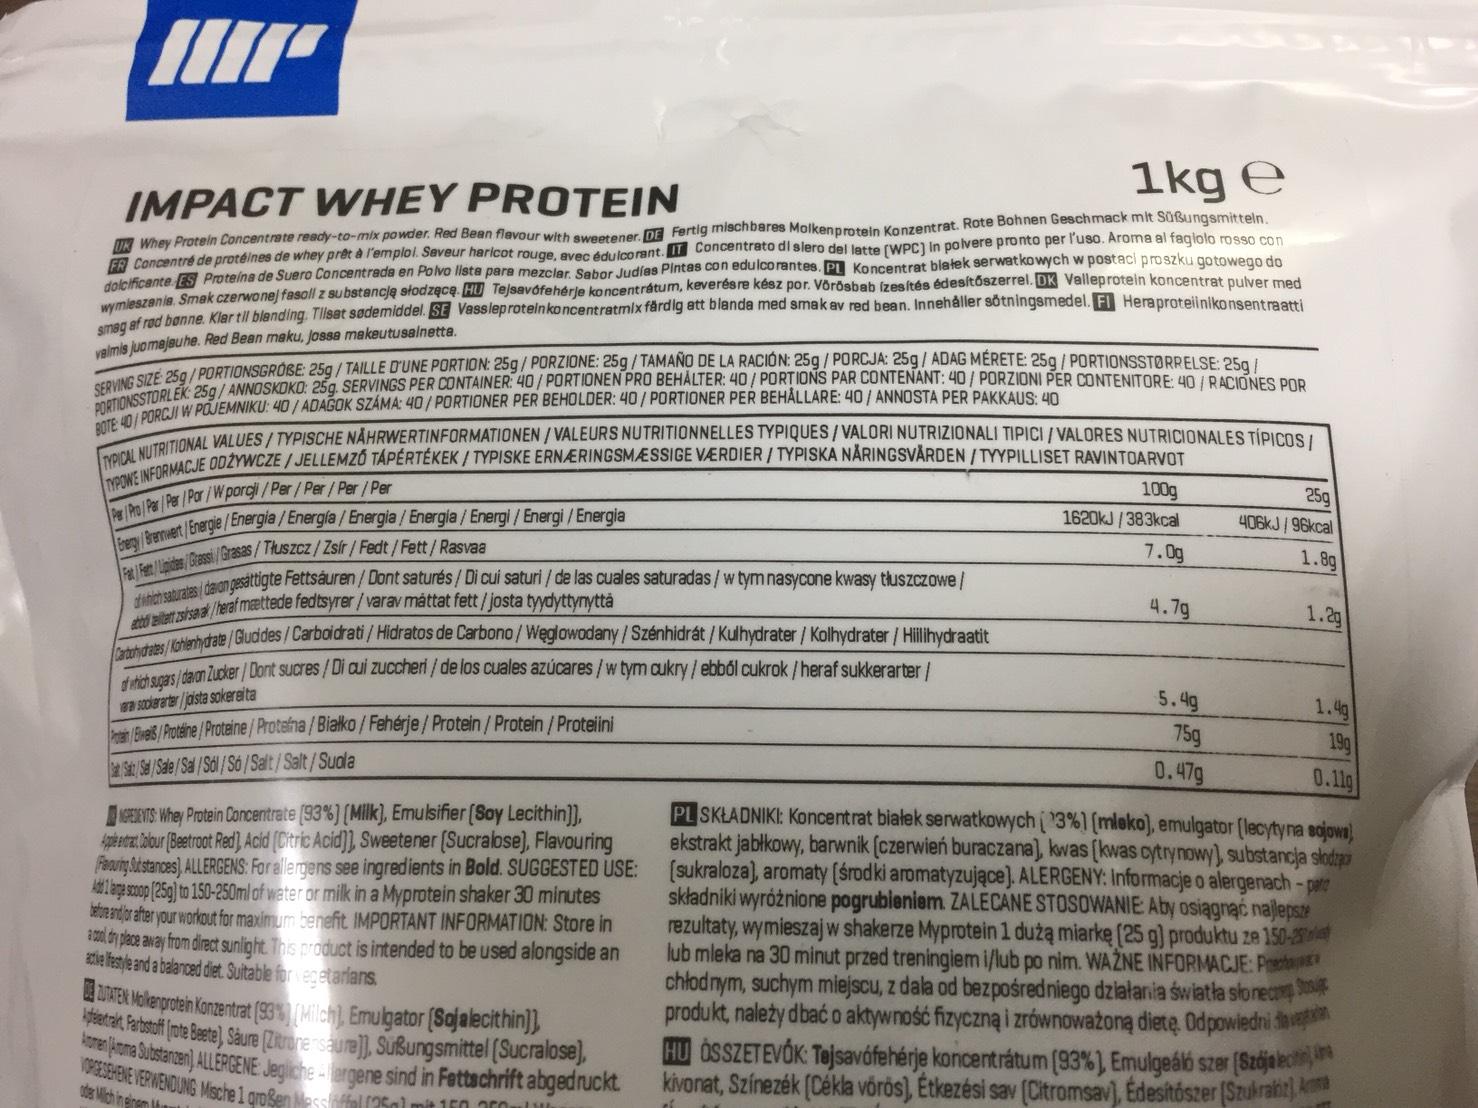 【WPC】Impactホエイプロテイン「レッドビーンズ味」の成分表